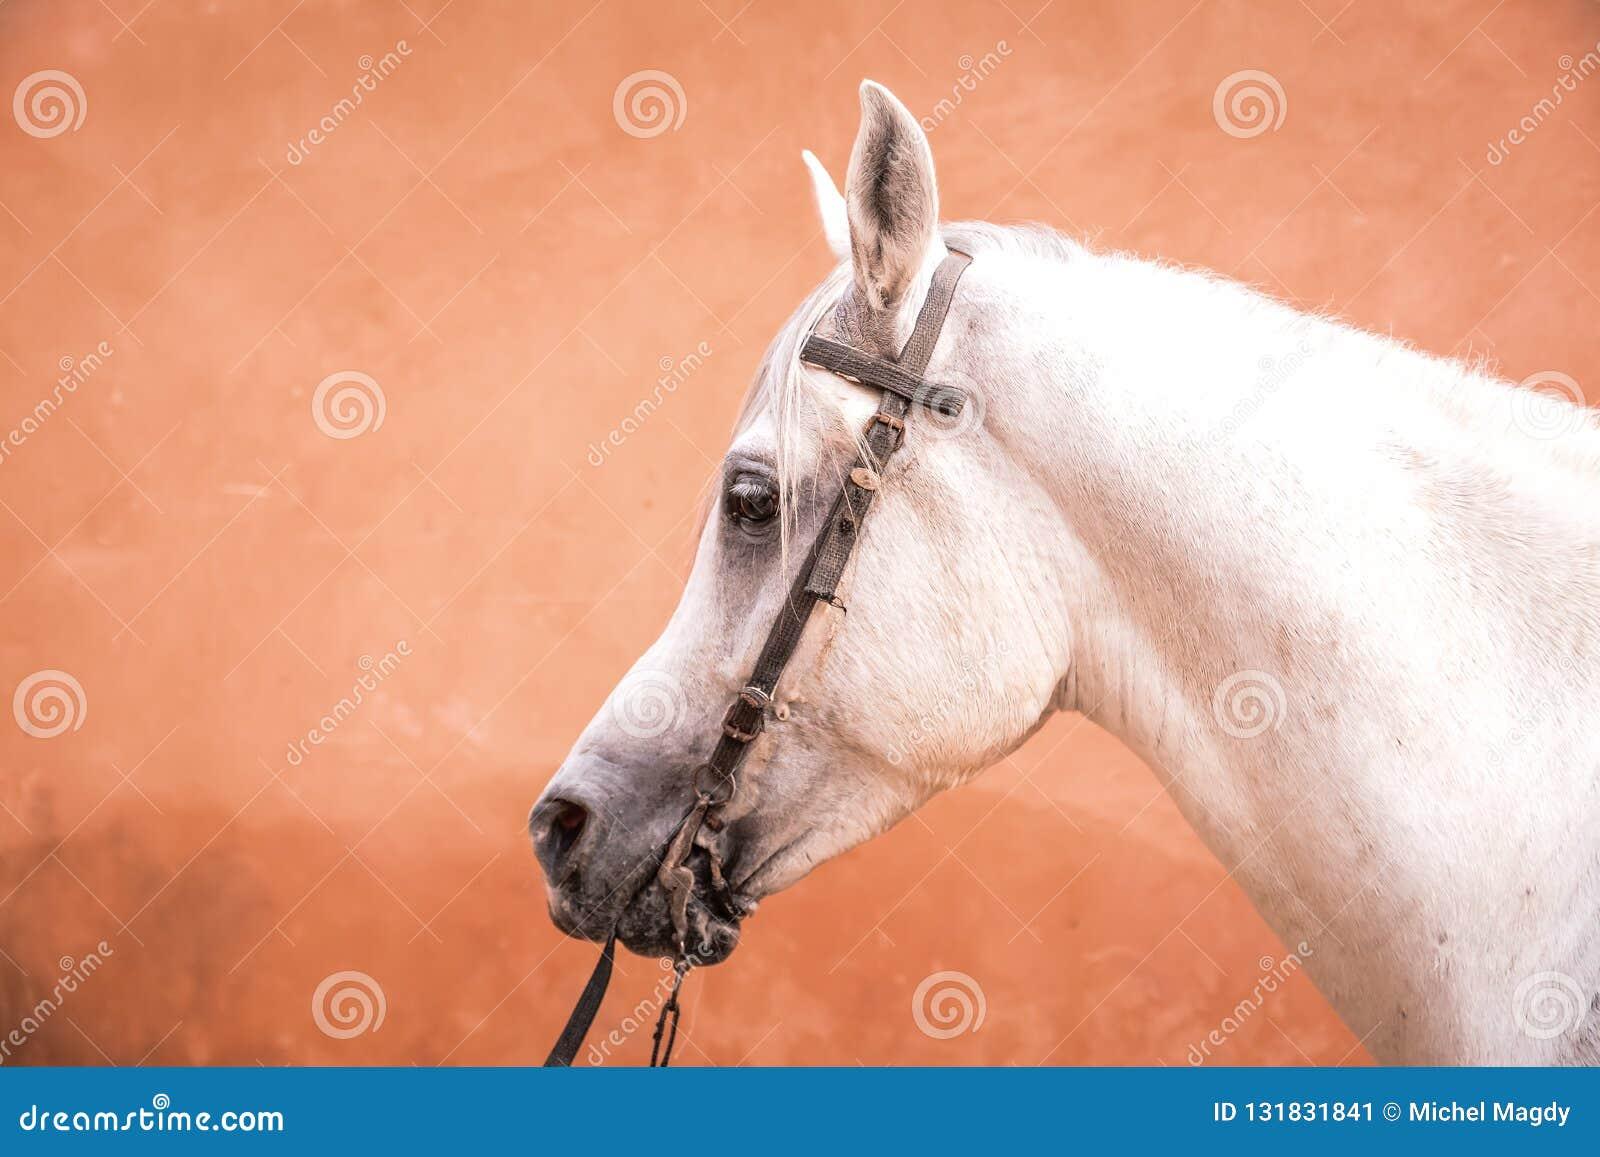 Arabian Horse Stock Image Image Of Arabic Bridle Animals 131831841